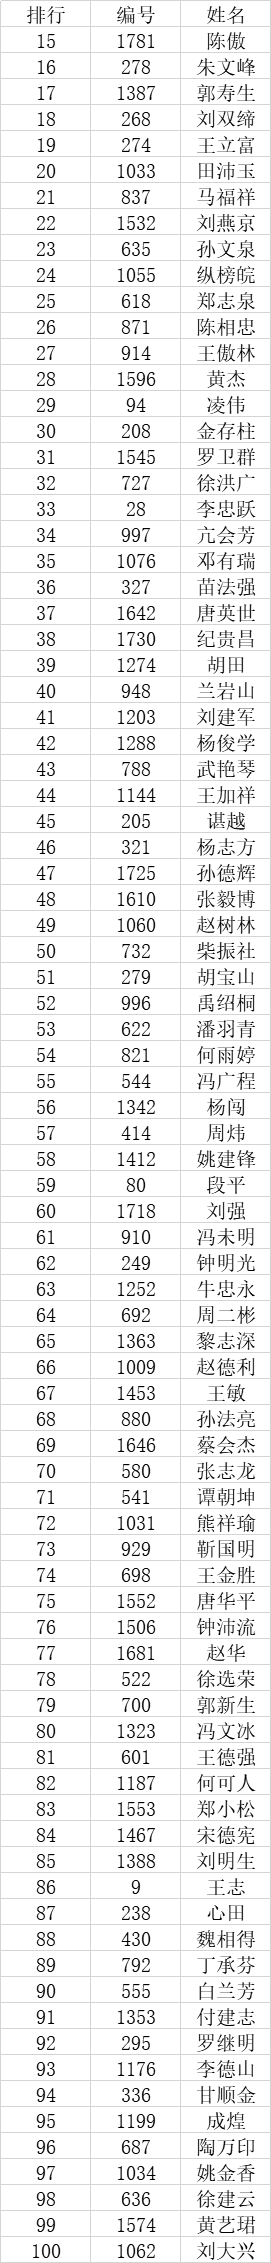 """2020年""""现代名家·盛丹青杯""""全国书画艺术大赛获奖名单公布!-第5张"""